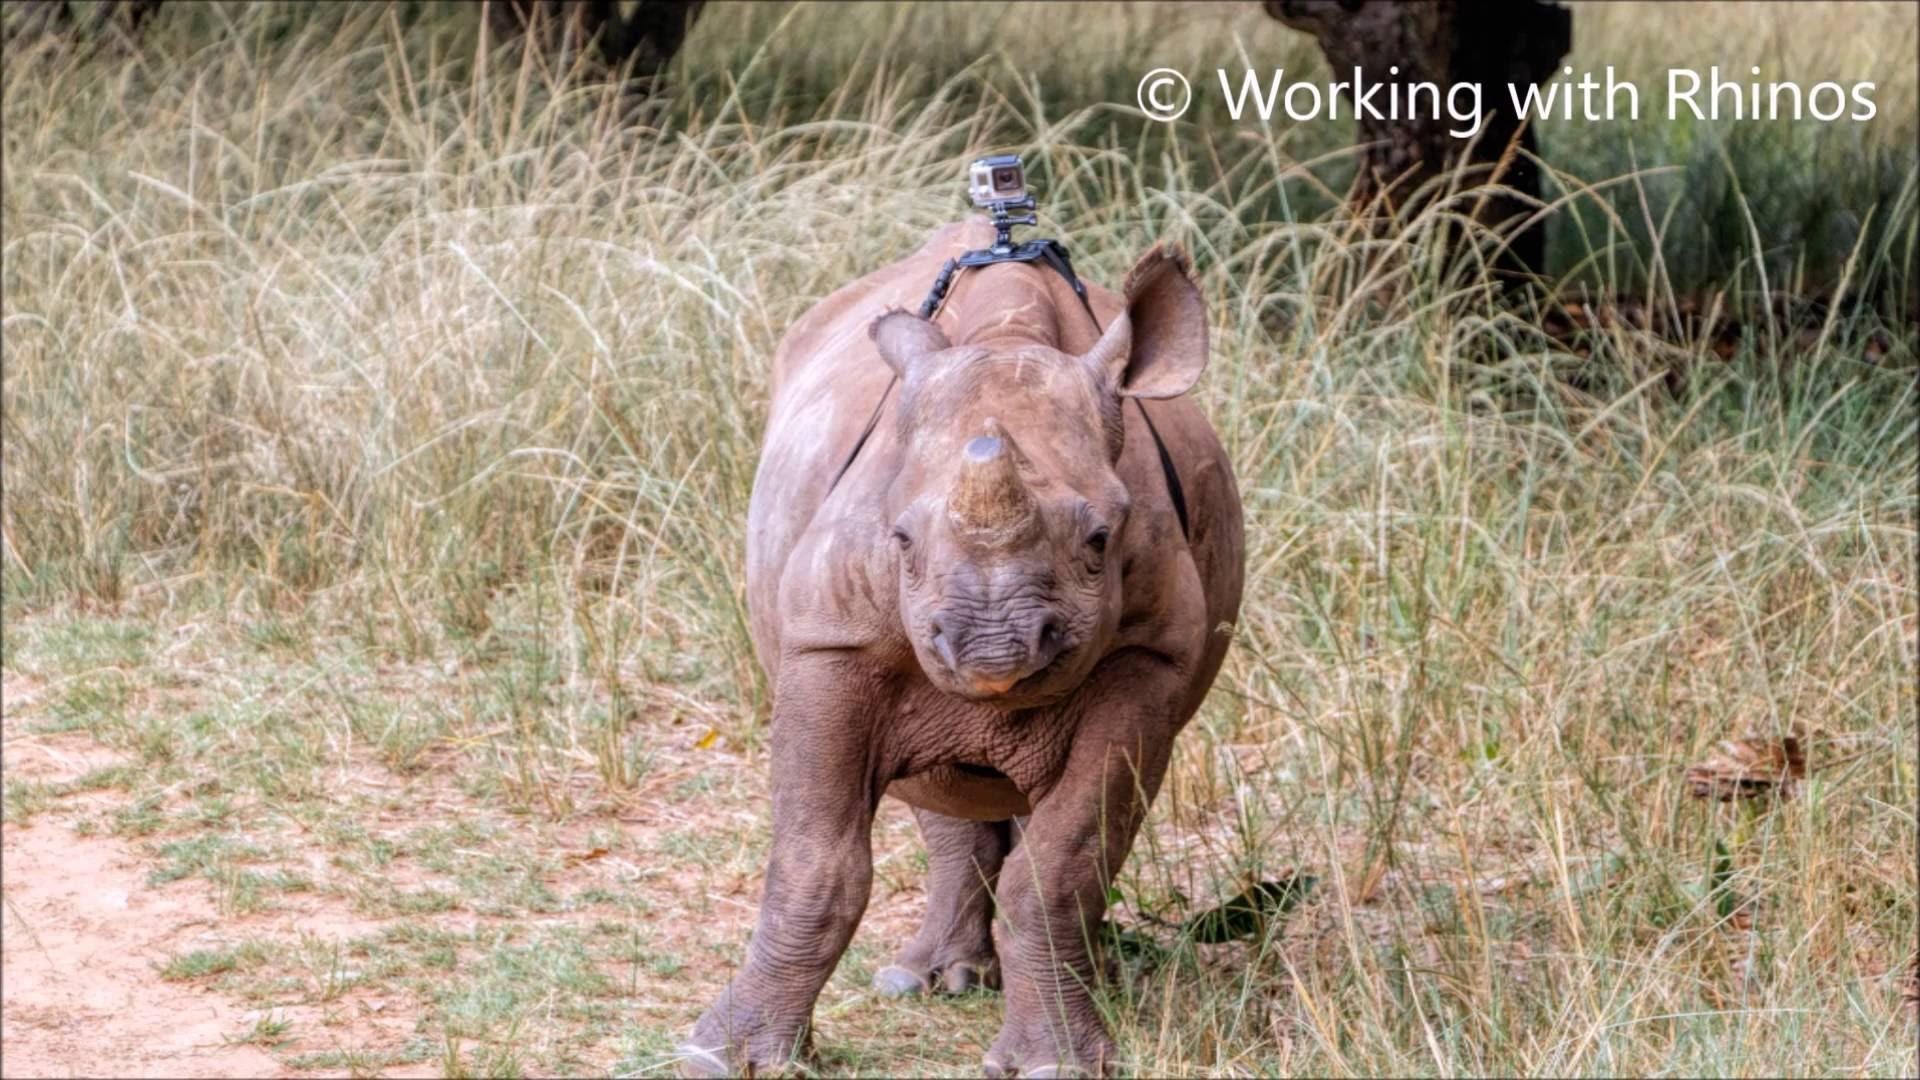 Ein Tag im Leben eines Baby-Nashorns mit einer GoPro auf dem Rücken